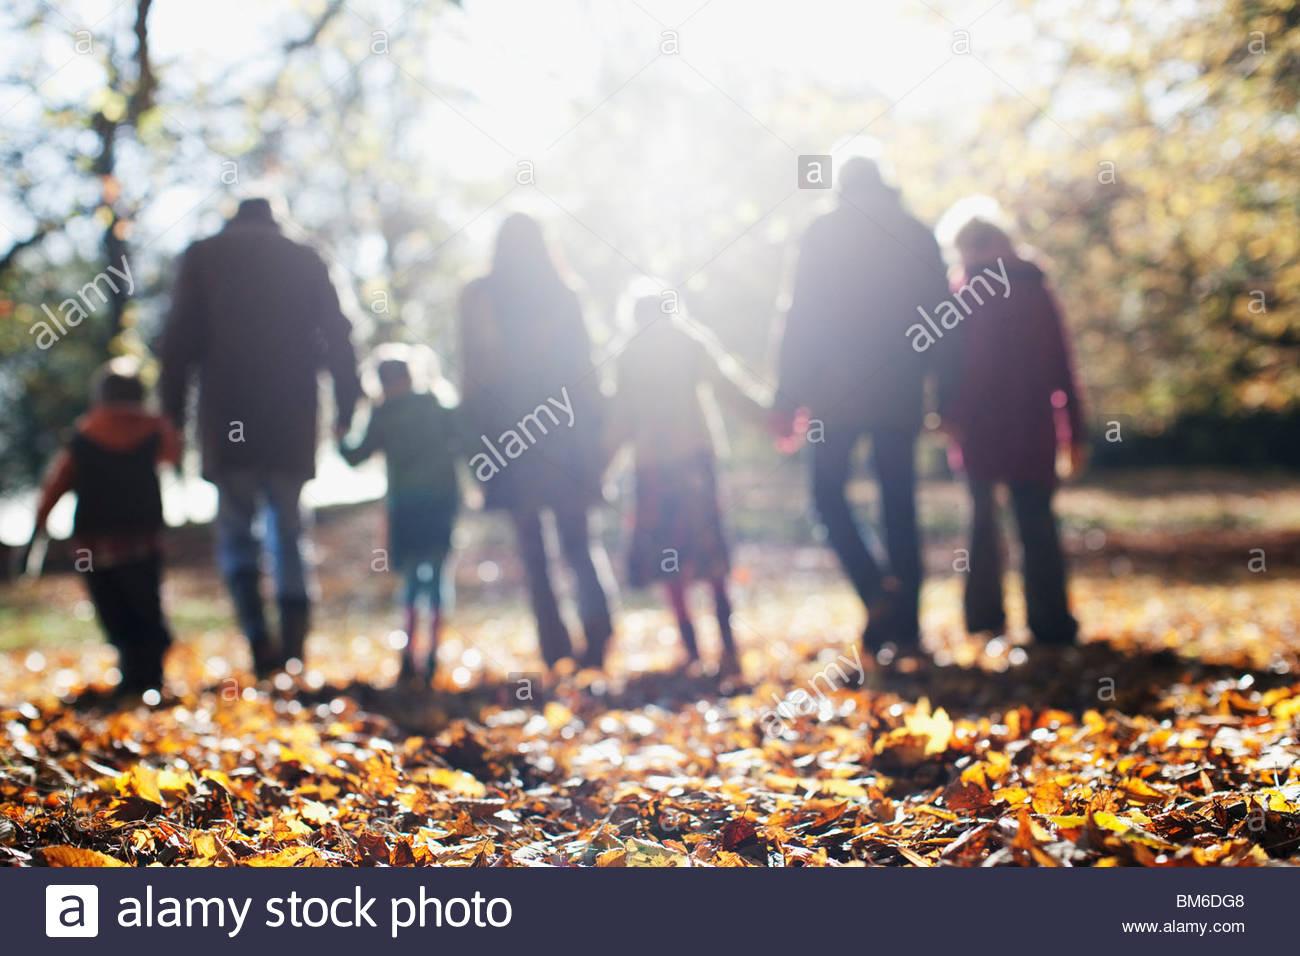 La marche de la famille élargie dans le parc en automne Photo Stock